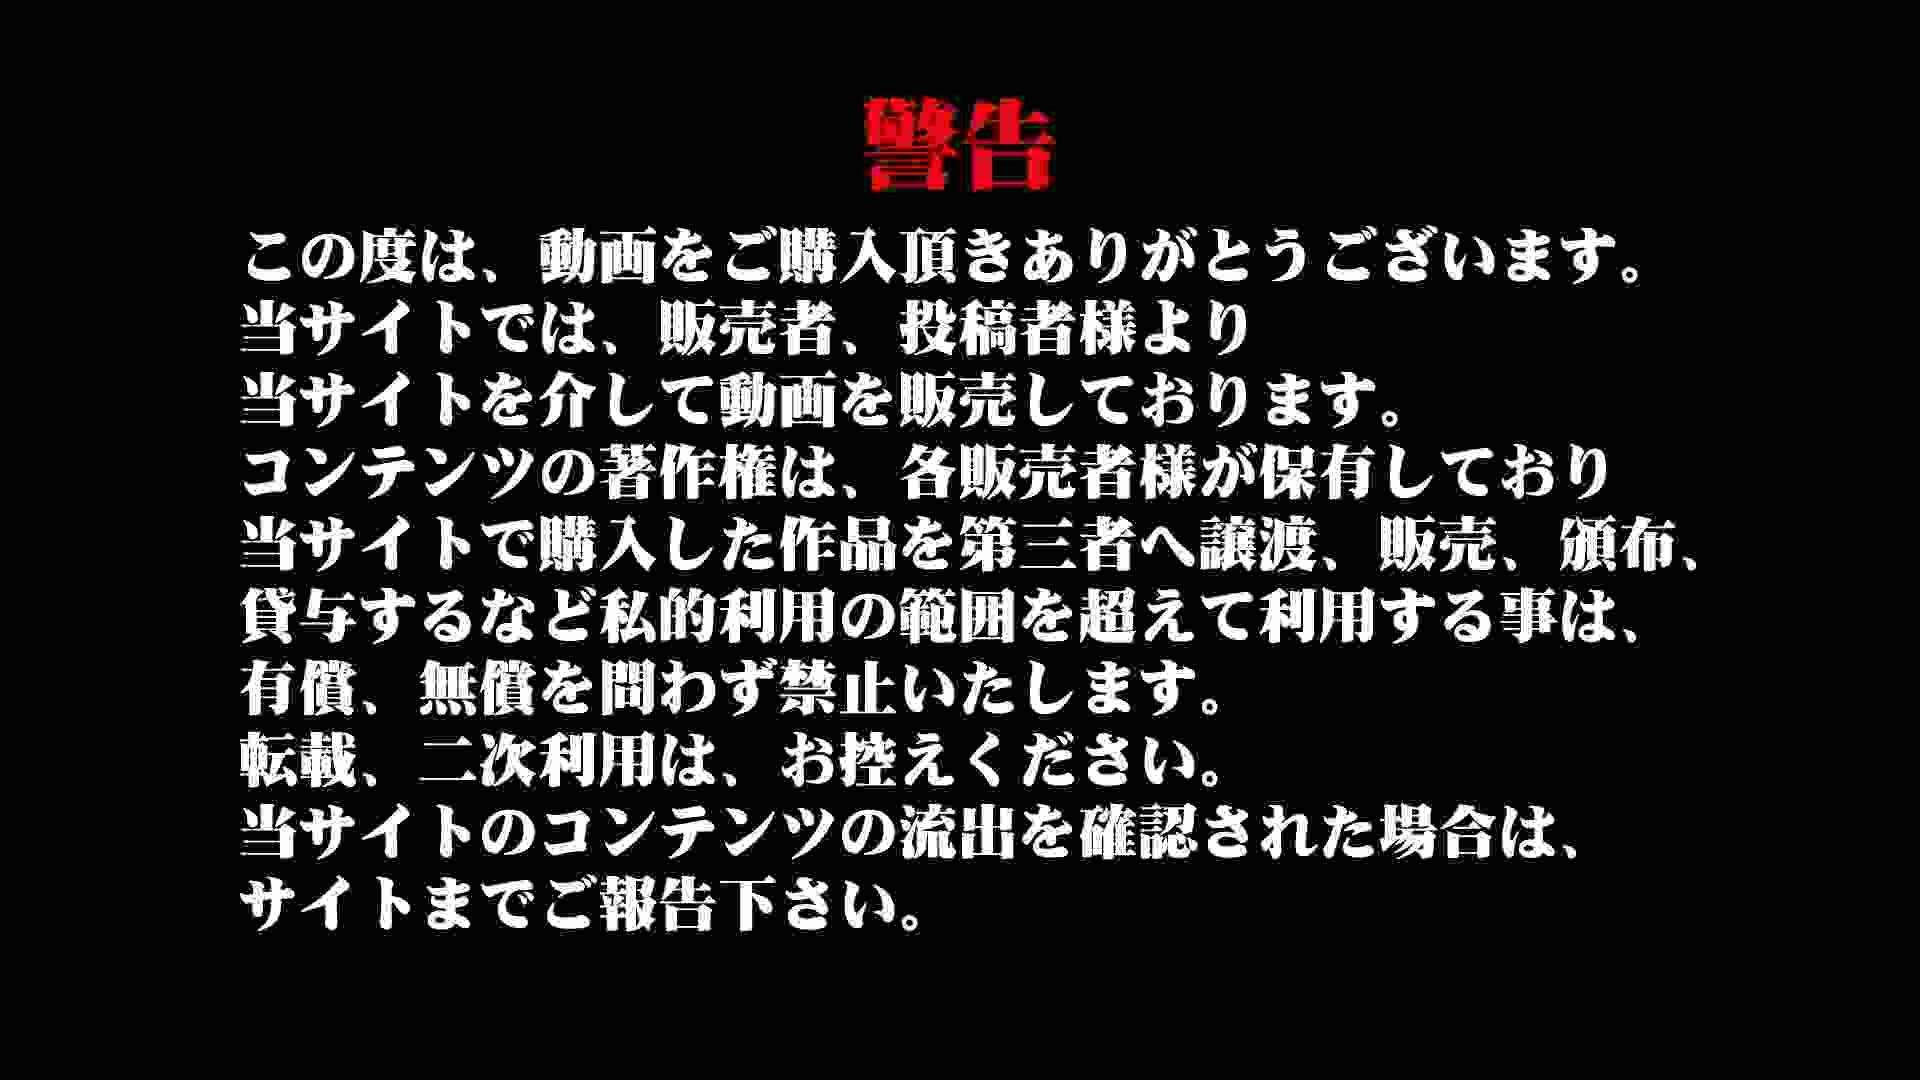 Aquaな露天風呂Vol.906 露天風呂 | 盗撮動画  11枚 1